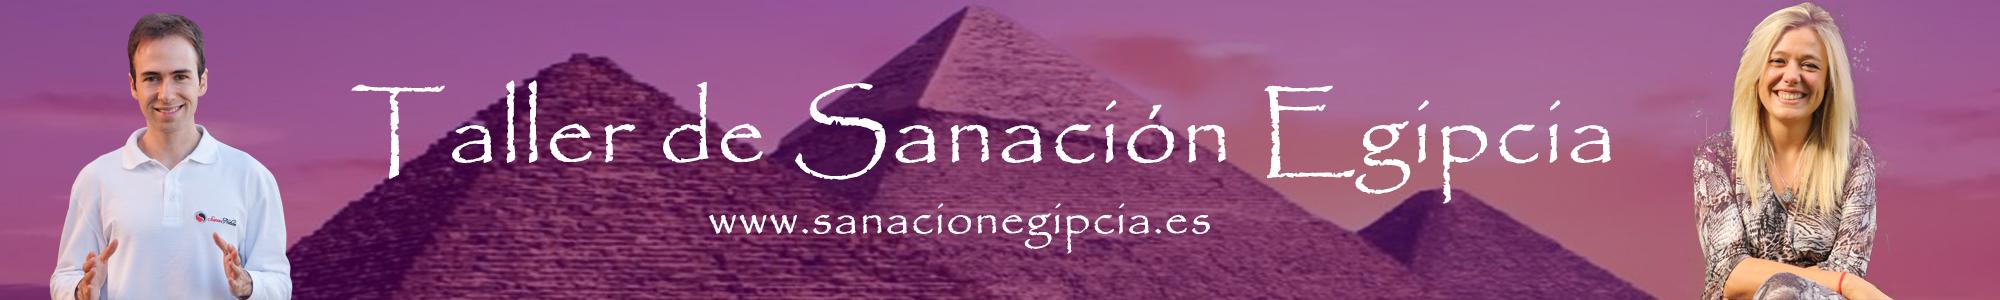 Sanacion Egipcia